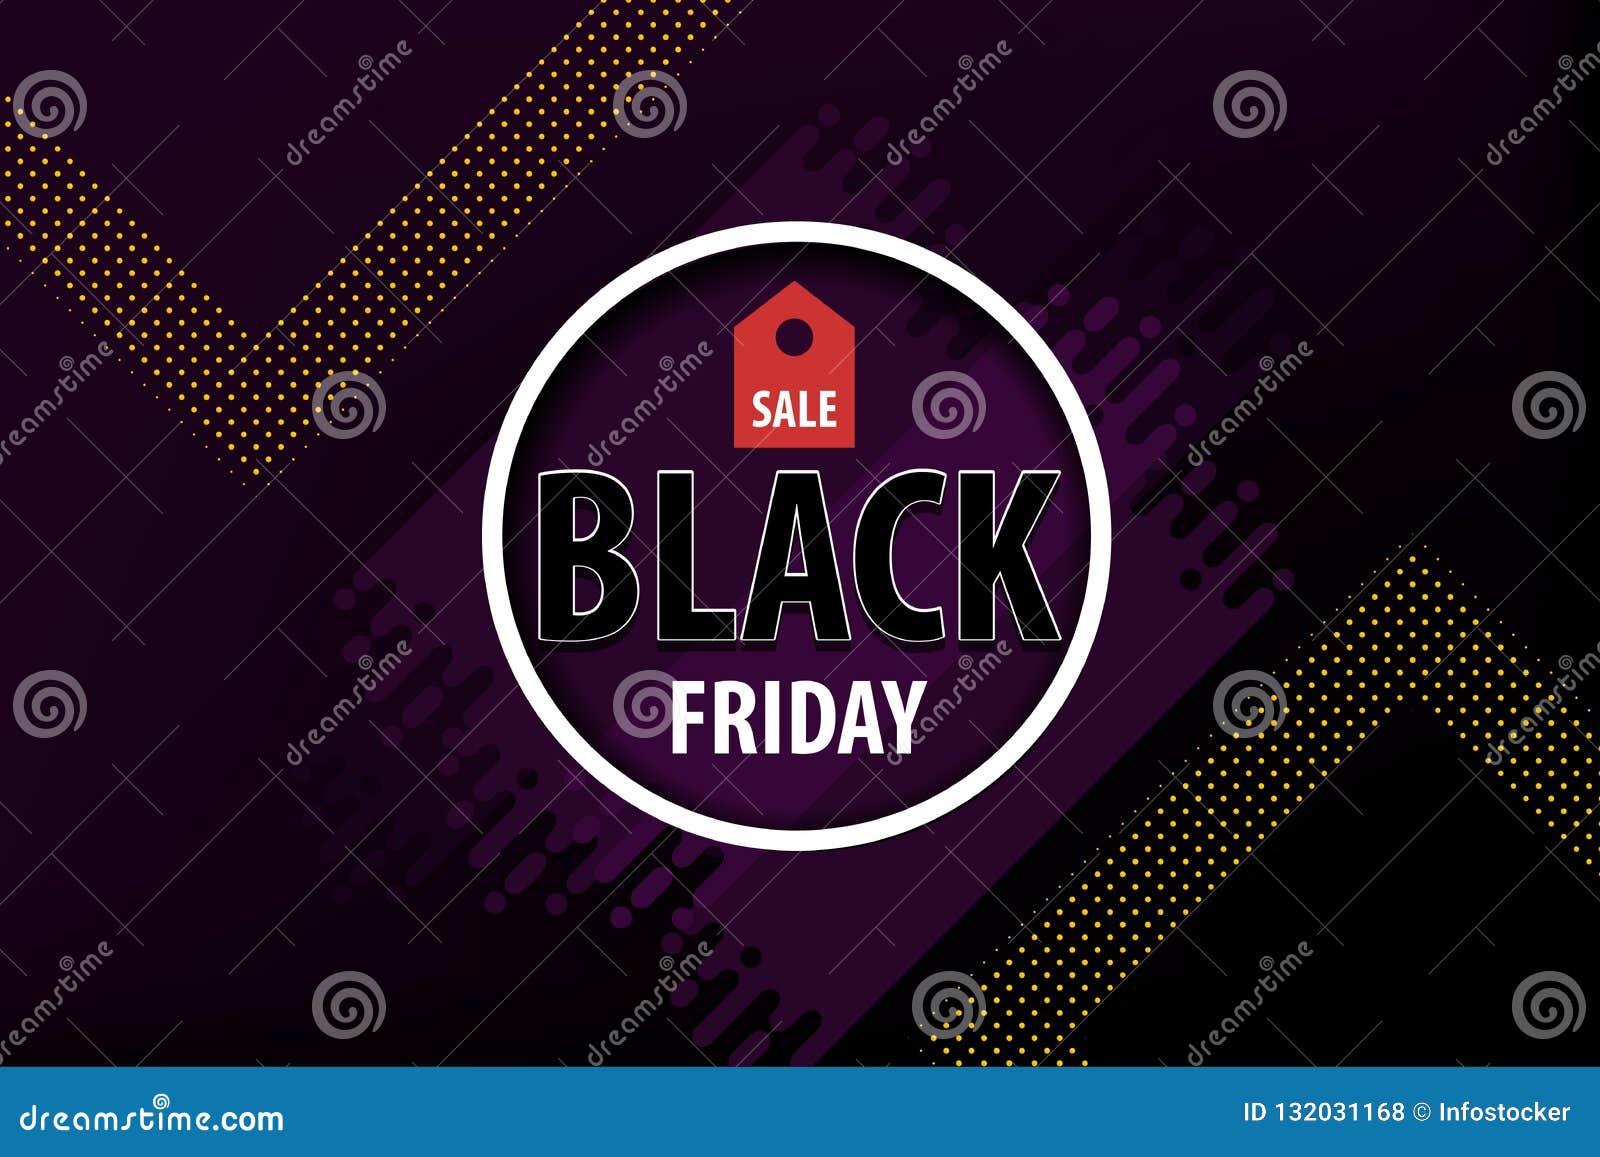 e8e96e0ce7 Black Friday dark modern minimalistic liquid background. Comic text plastic  halftone neon vibrant colors. Super november sale. Discount tag trendy  banner.